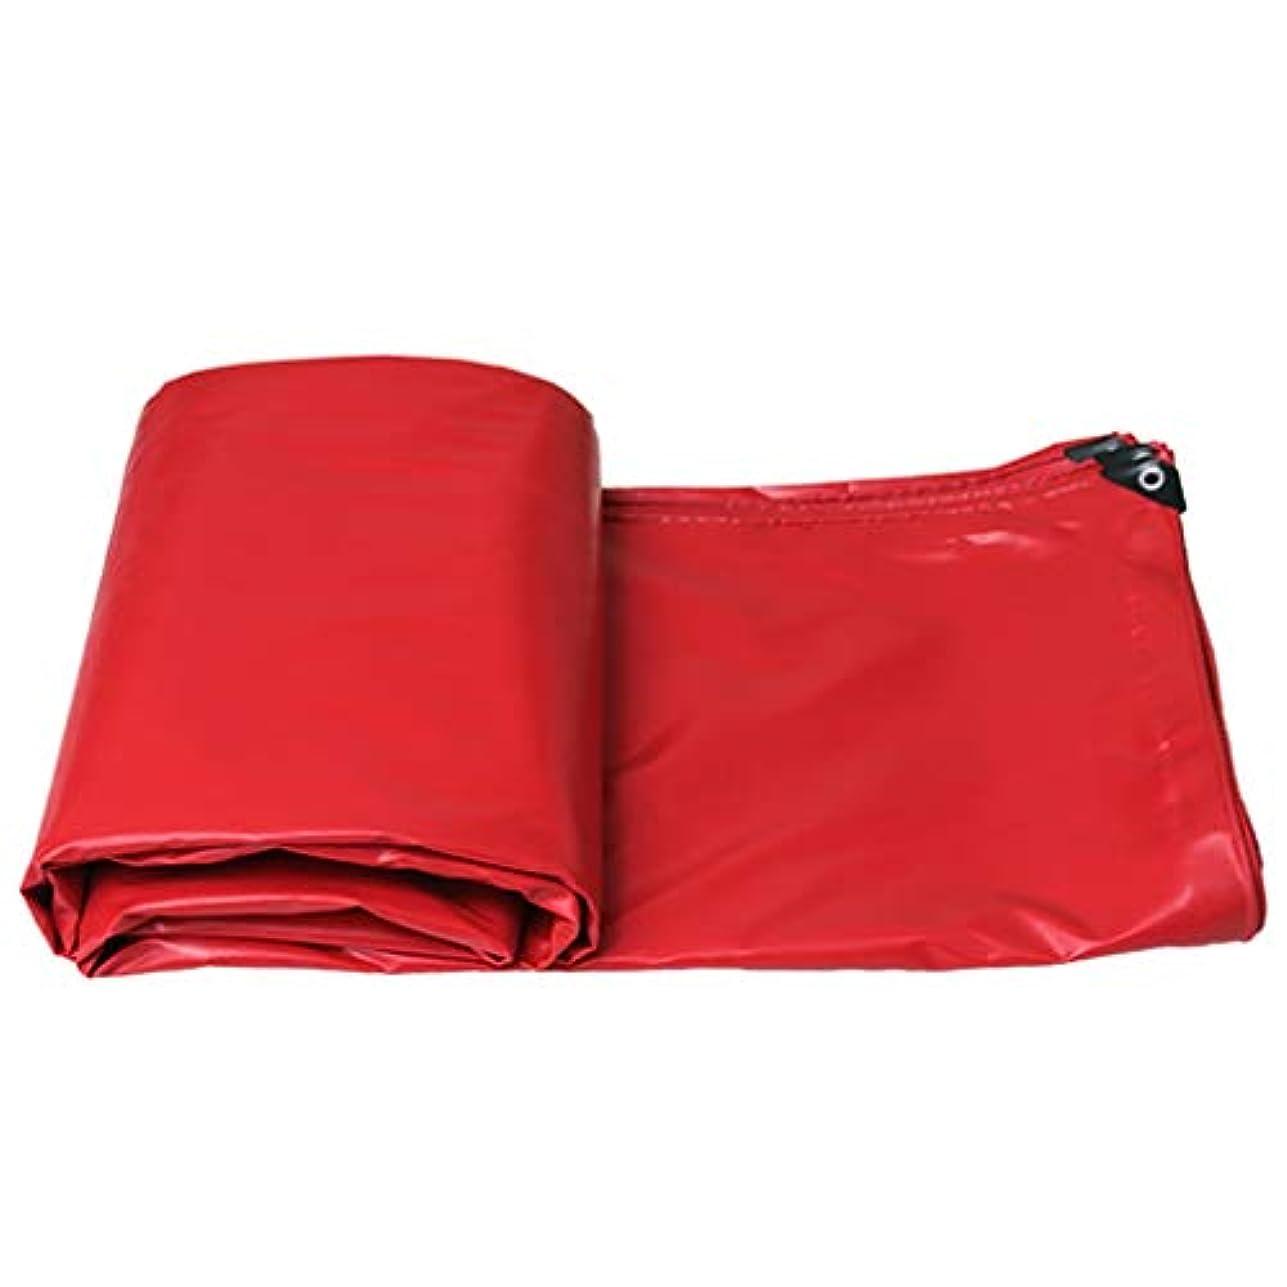 ベンチャー下る同種のタープ 太陽と雨のためのテントタープ、PVCコーティング布ターポリン、抗酸化カビ防止引裂抵抗 テント (Color : Red, Size : 5m×7m)